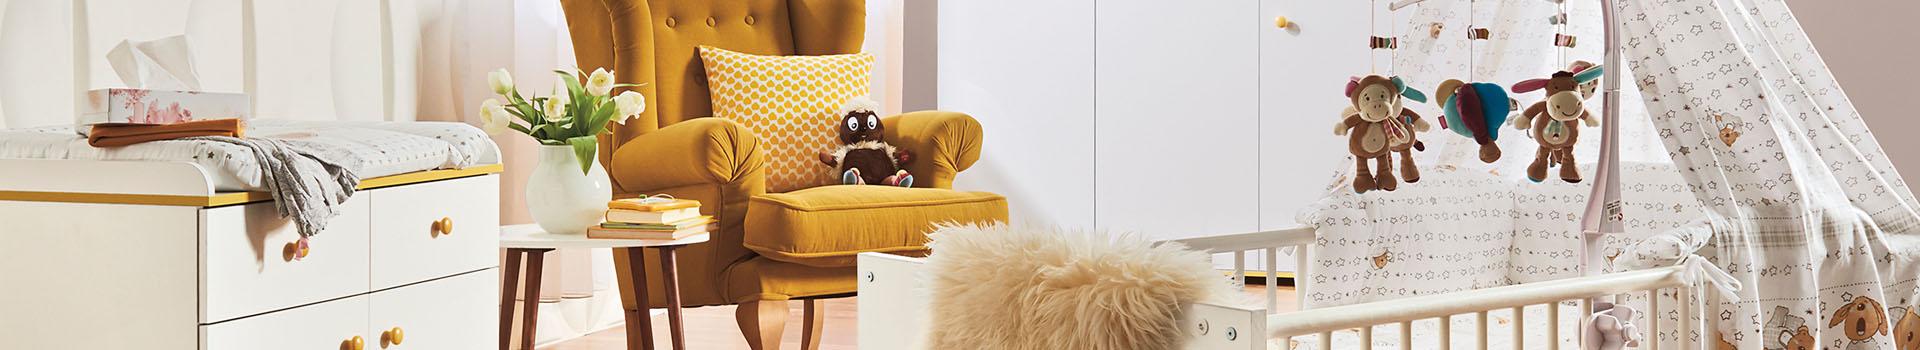 Babyzimmer bei Möbel Mahler Siebenlehn